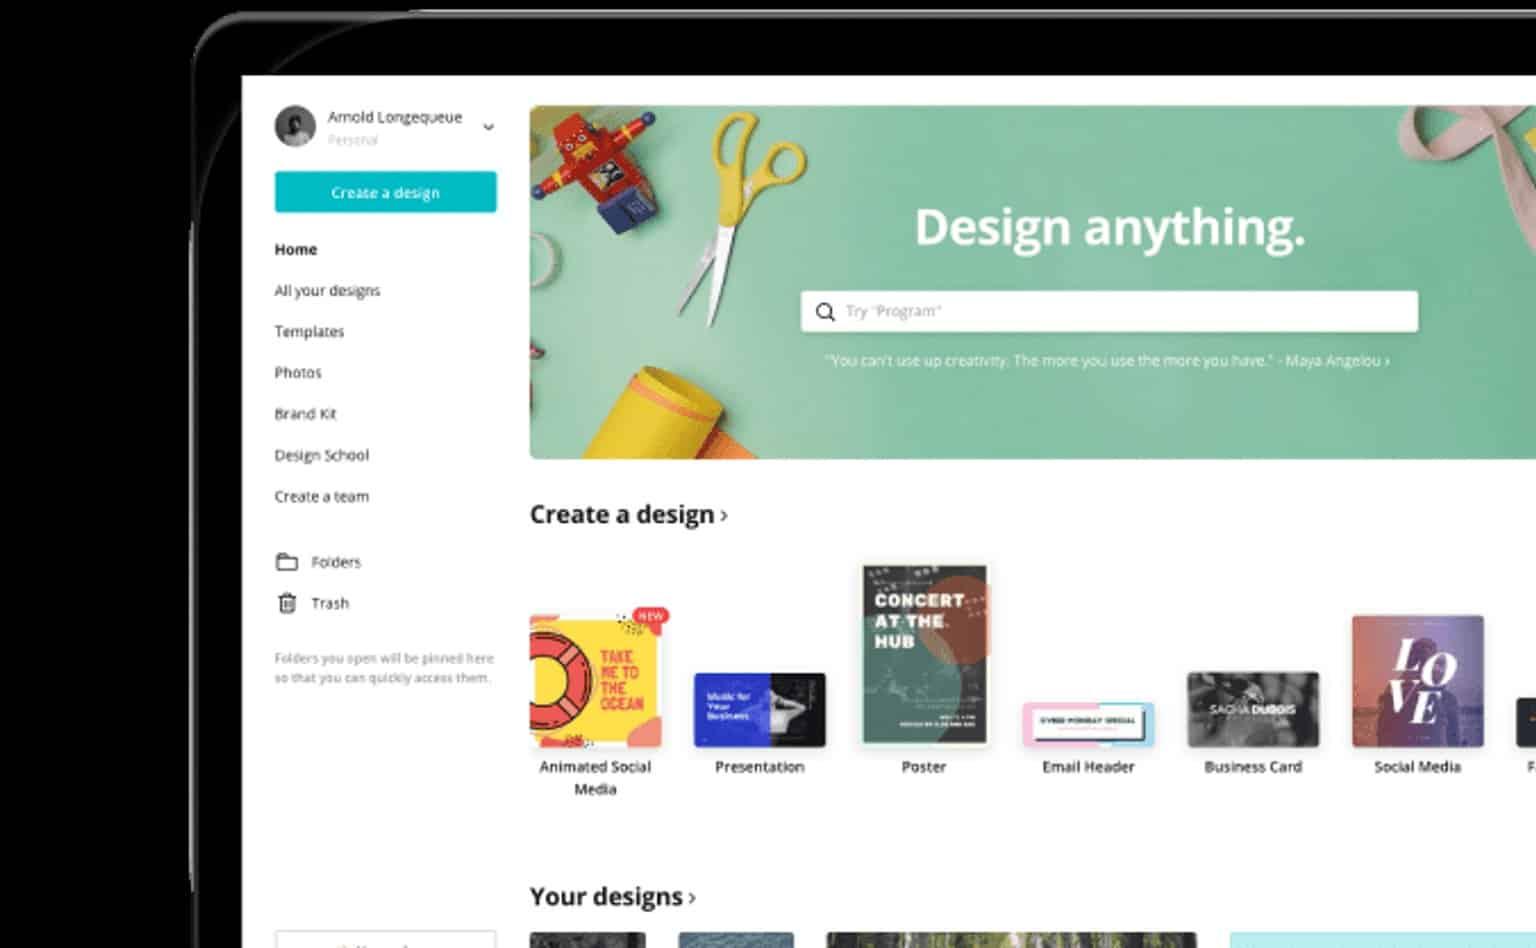 Atau-jika-ingin-membuat-ukuran-banner-wedding-lainnya-klik-create-a-design-lalu-klik-custom-size